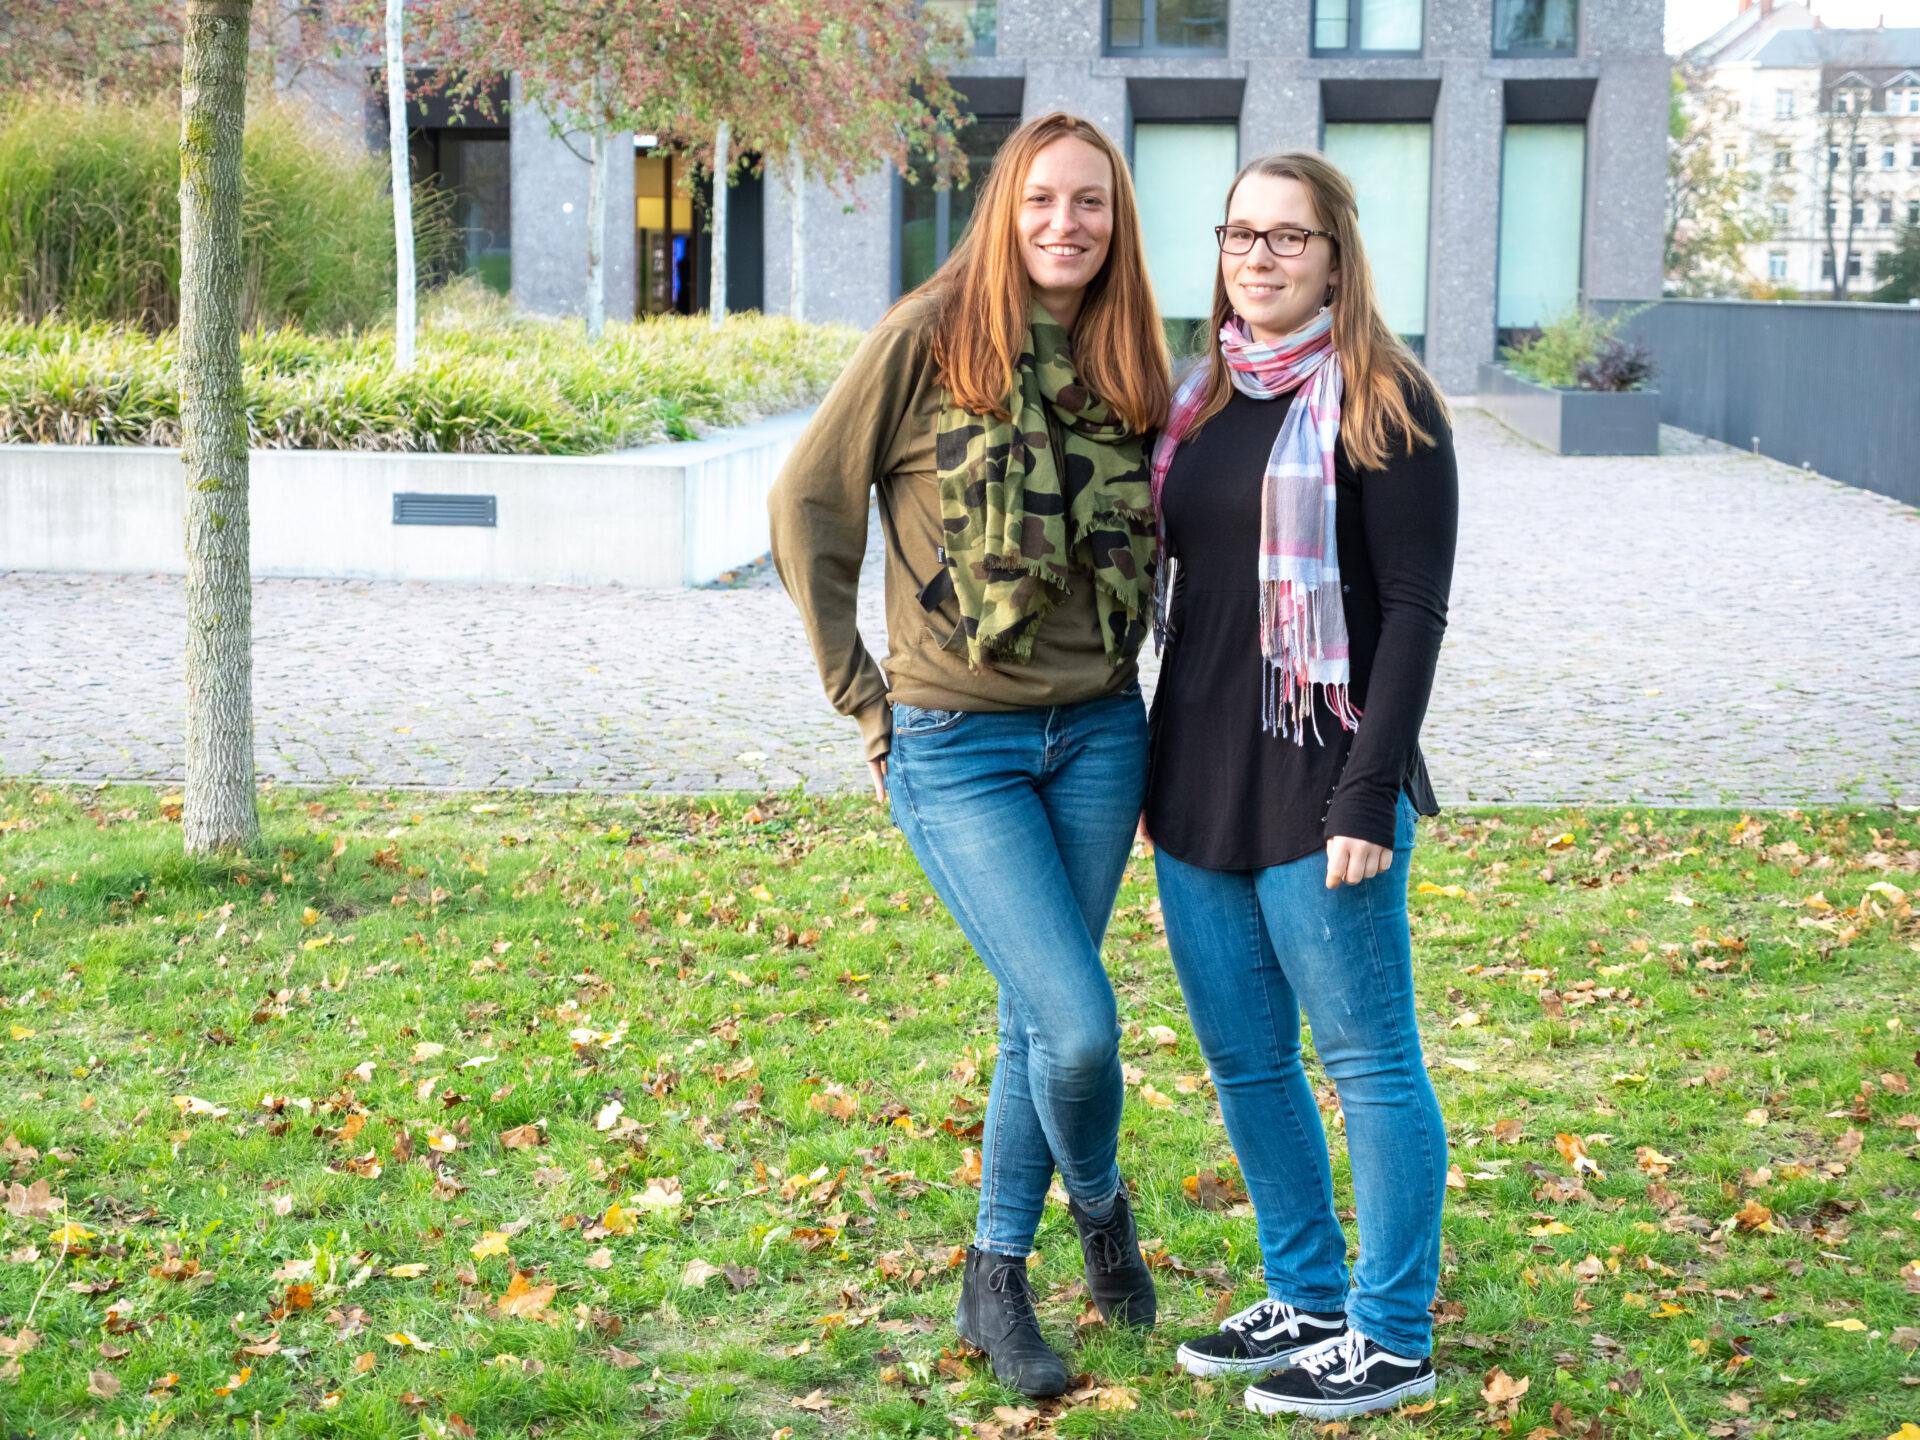 Das Crowdfundingteam der Hochschule Mittweida: Luise Geck und Vivian Kretzschmar